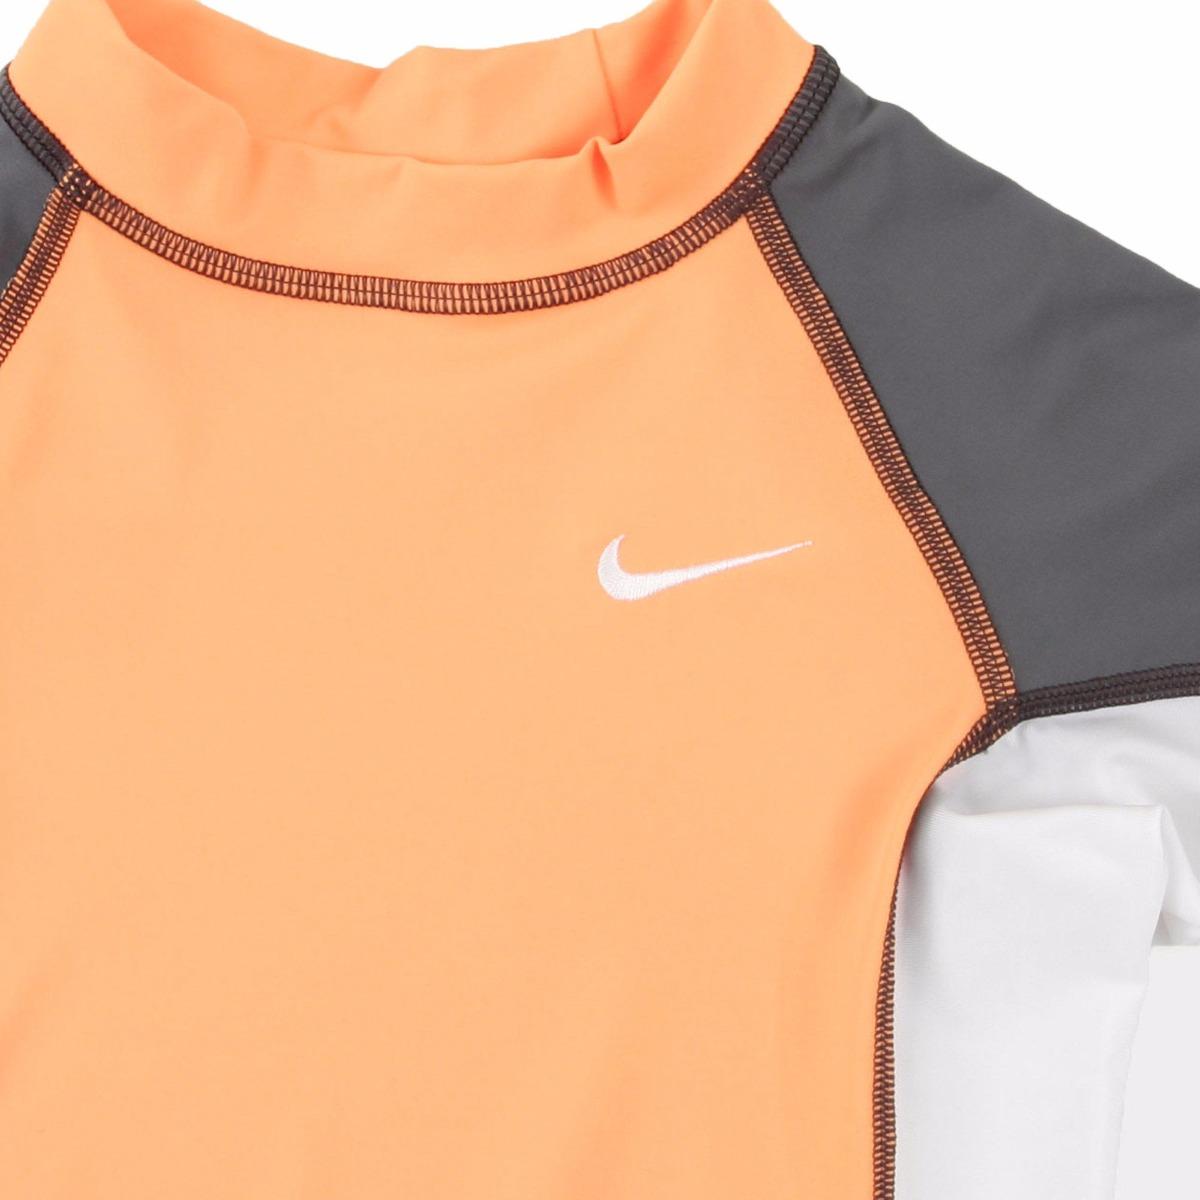 Playera Traje De Baño Niño Nike Con Filtro Solar Uv8/10 ...